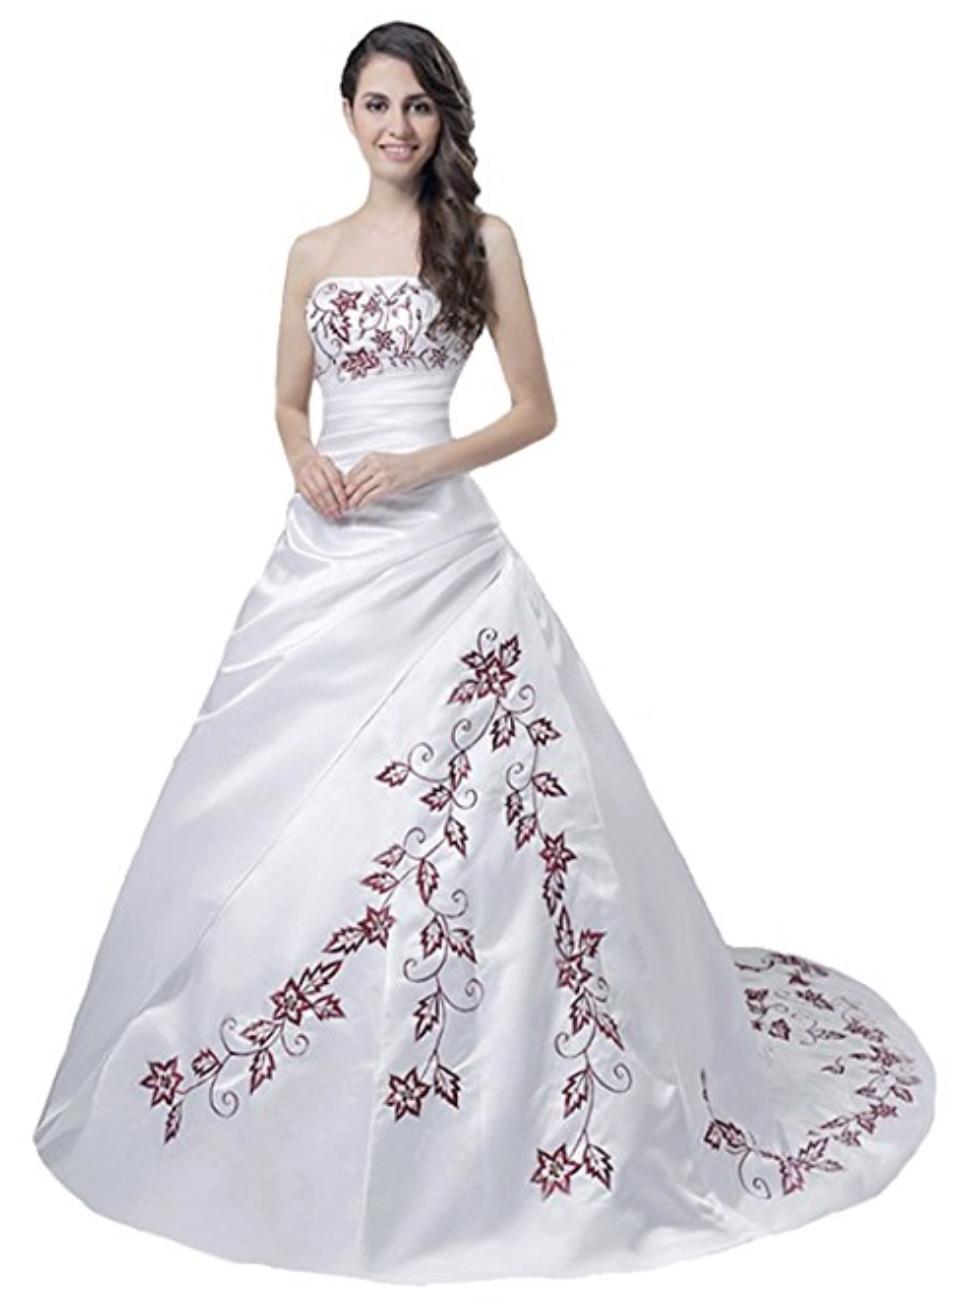 Hochzeitskleid Brautkleid Weiß Rot Prinzessin Elegant Edel Wedding ...